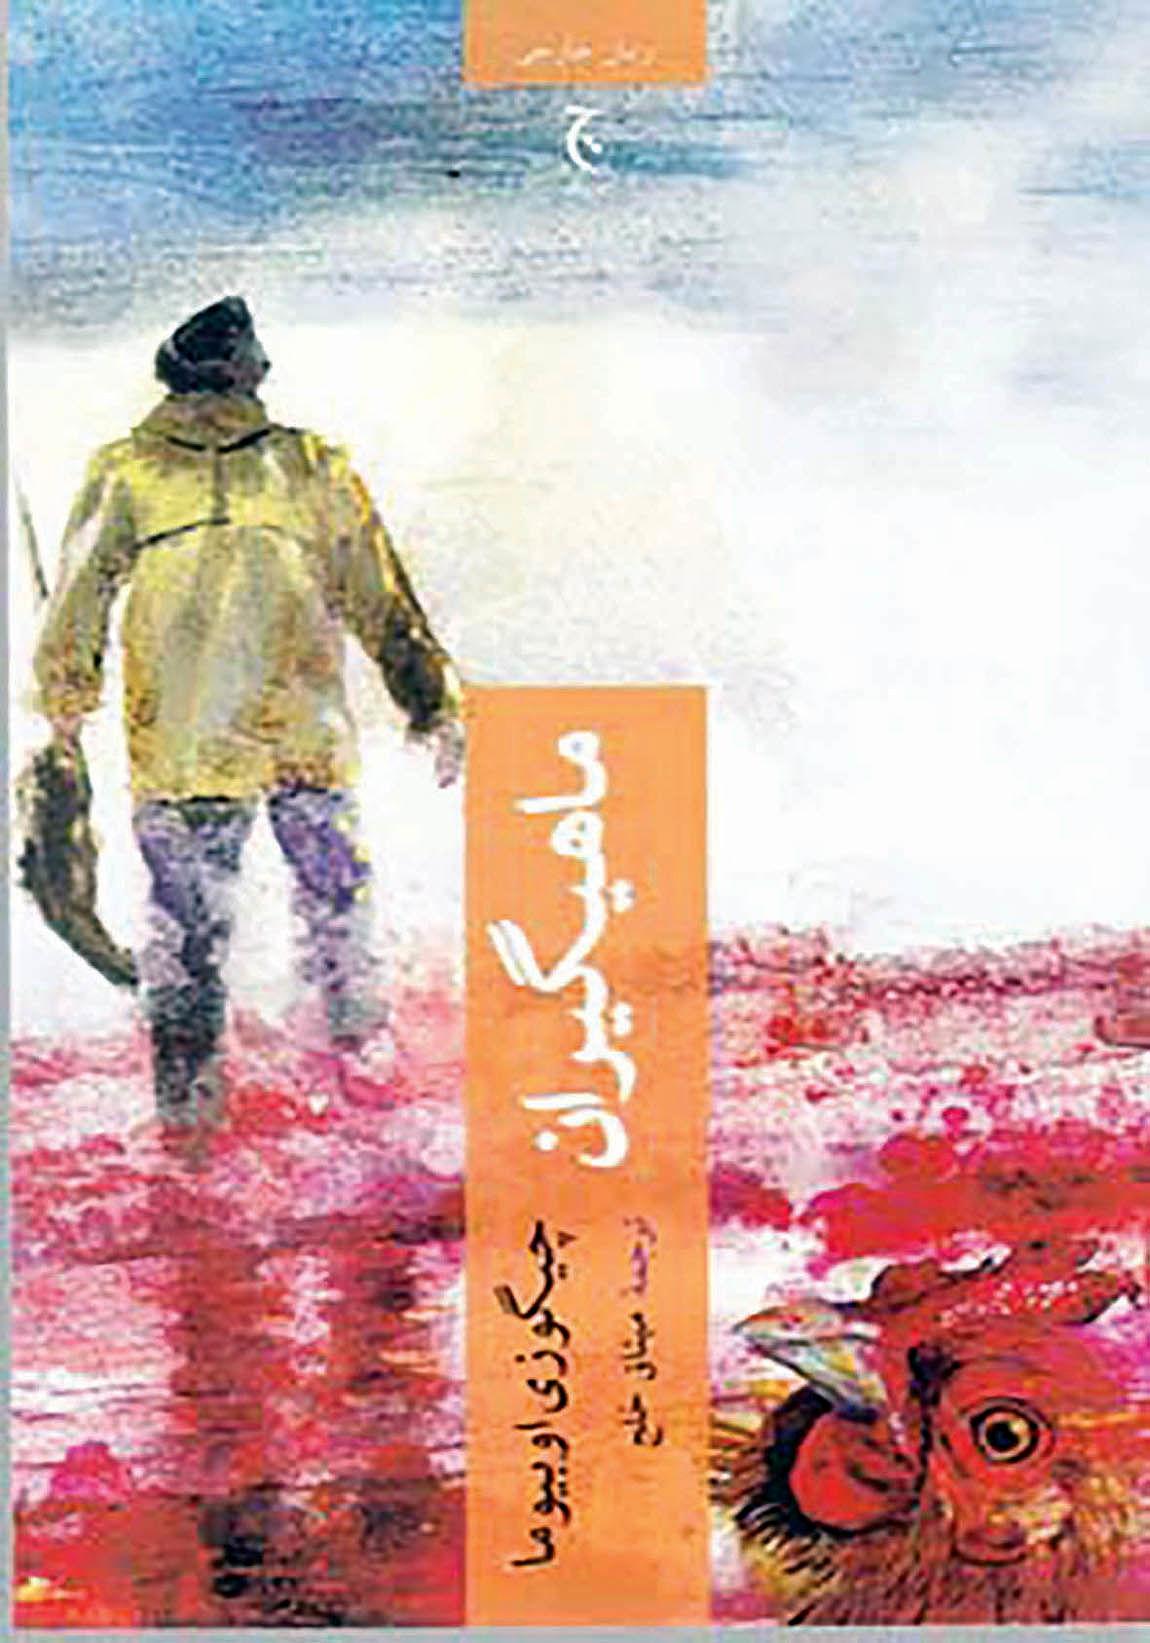 مرثیهای بر پیمانهای تباه شده  در رمان «ماهیگیران»